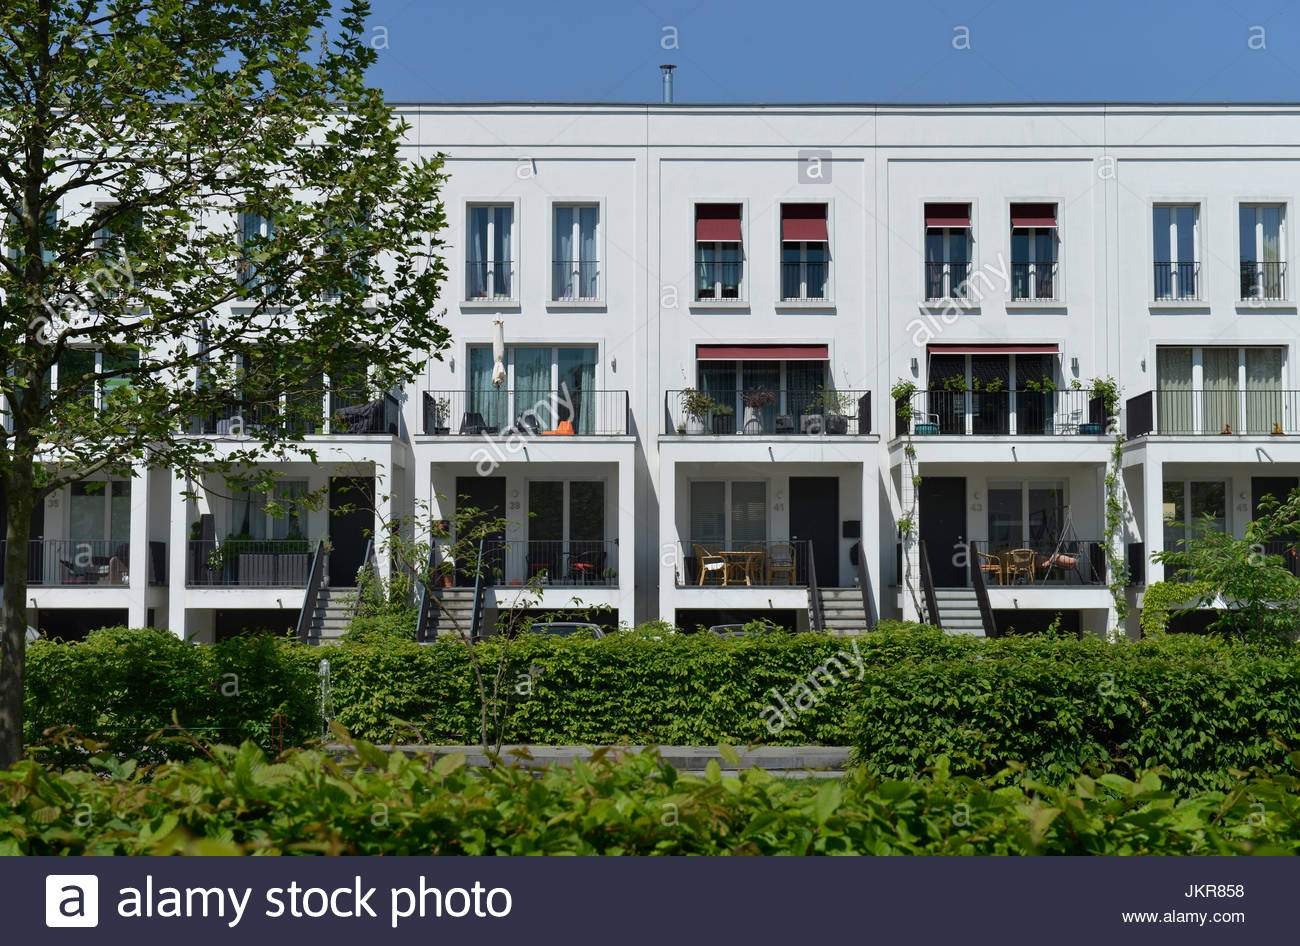 neubau siedlung im schweizer garten prenzlauer berg pankow berlin deutschland neubausiedlung bin schweizer garten prenzlauer berg deut jkr858